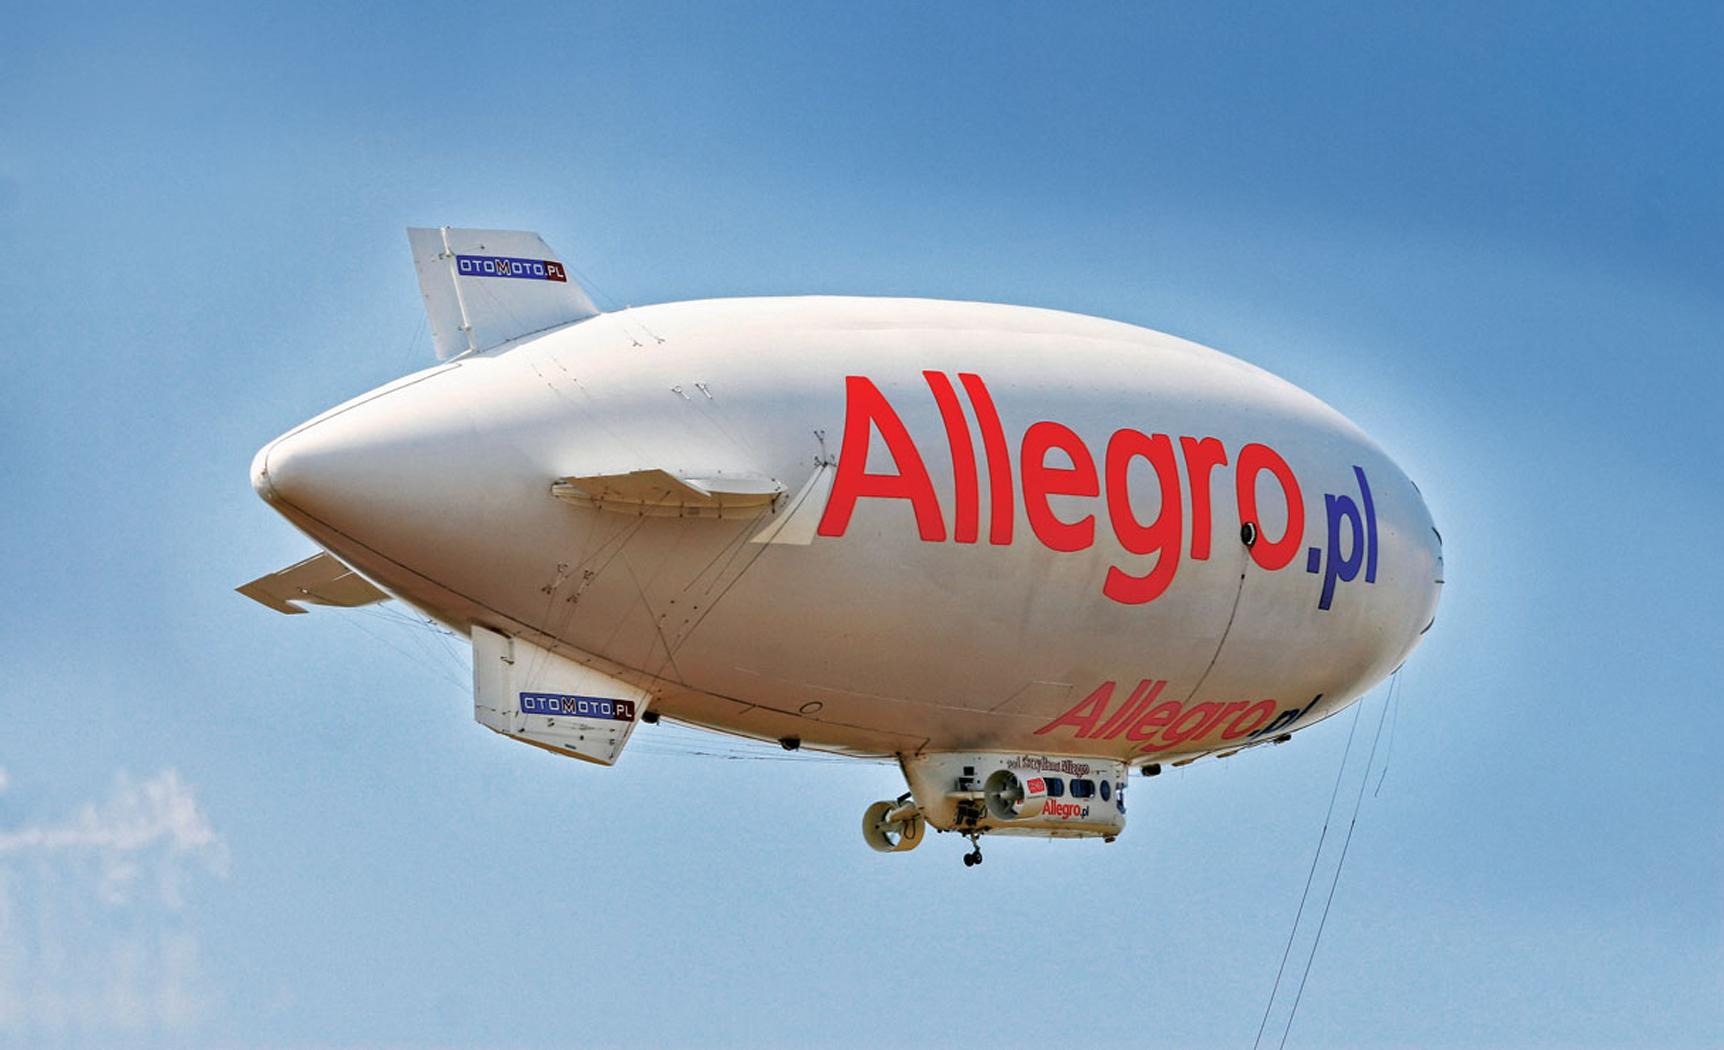 Jakie Losy Czekaja Sprzedane Allegro Wszystko Na Sprzedaz Polityka Pl